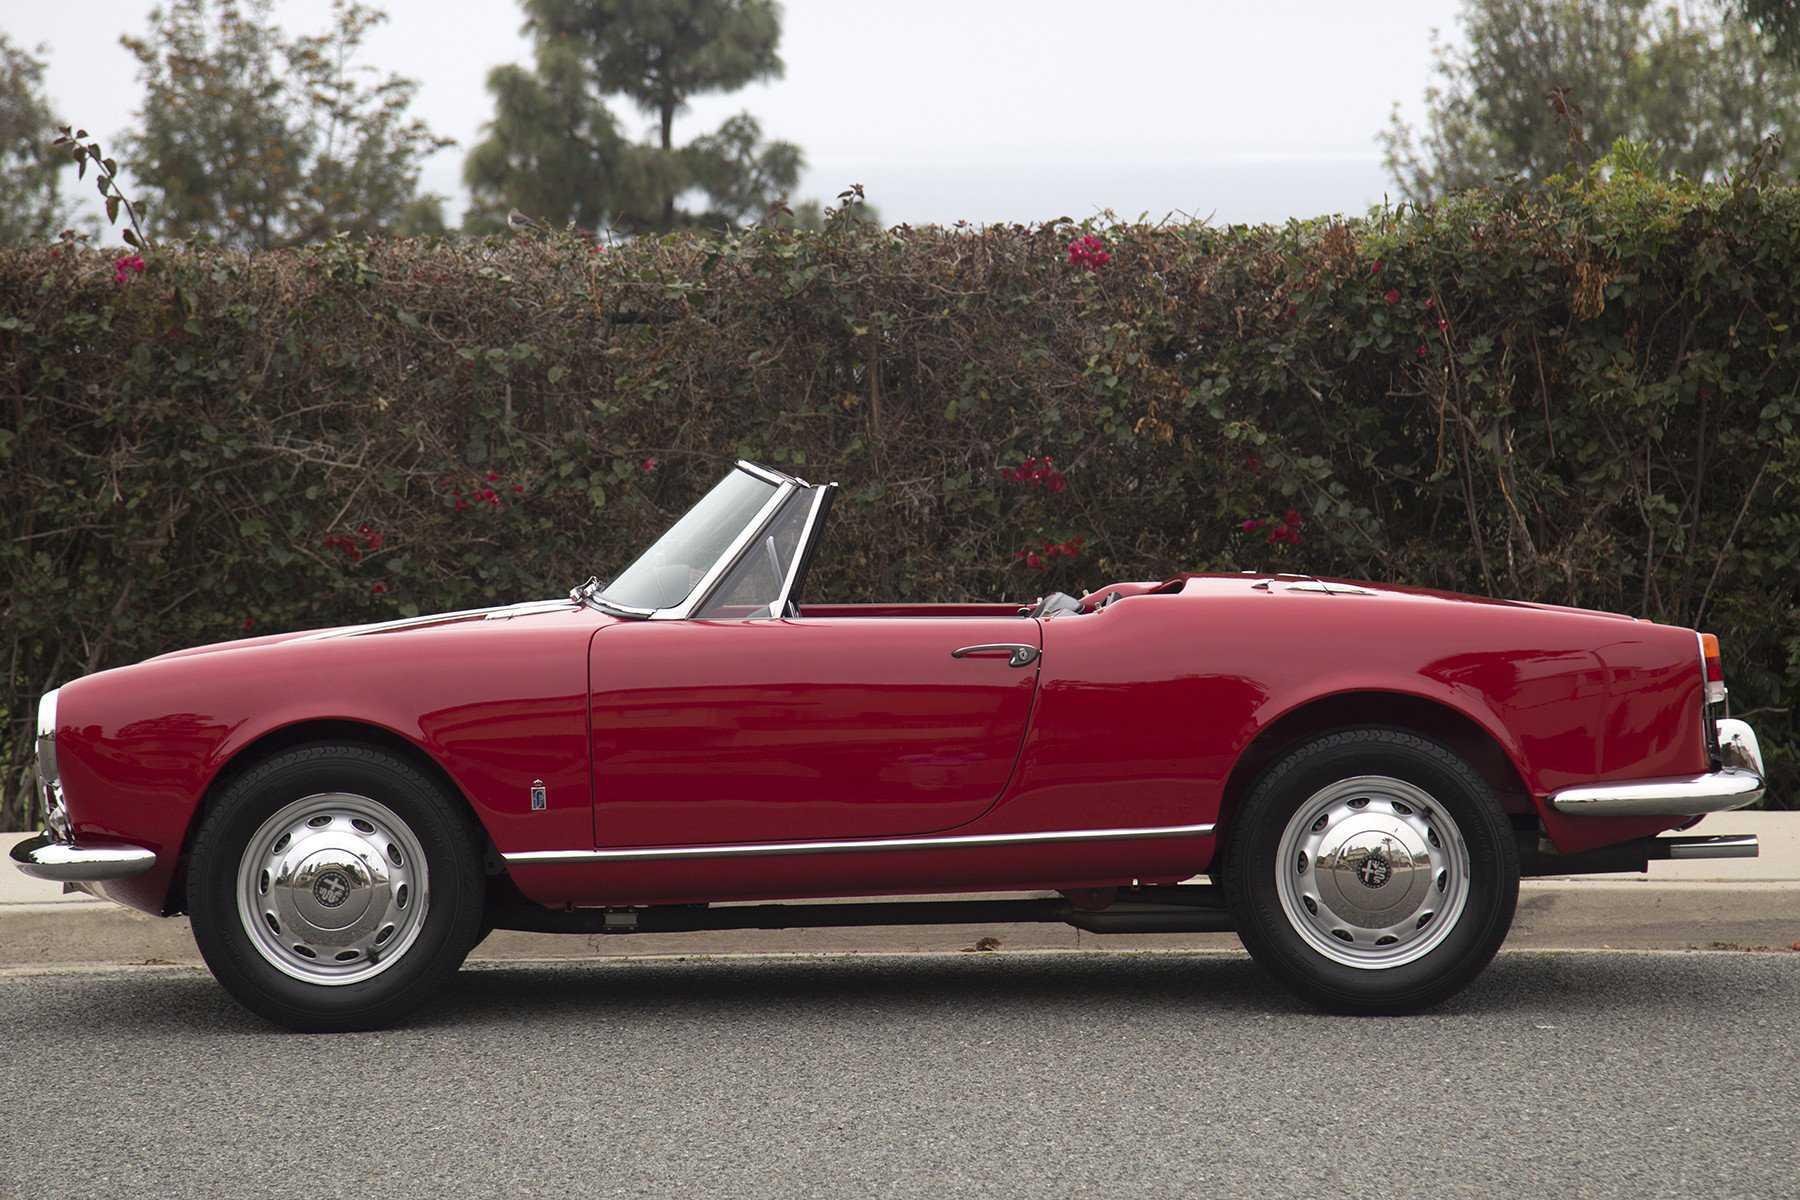 Alfa Romeo Giulietta For Sale In La Jolla CA ARF - 1960 alfa romeo giulietta for sale